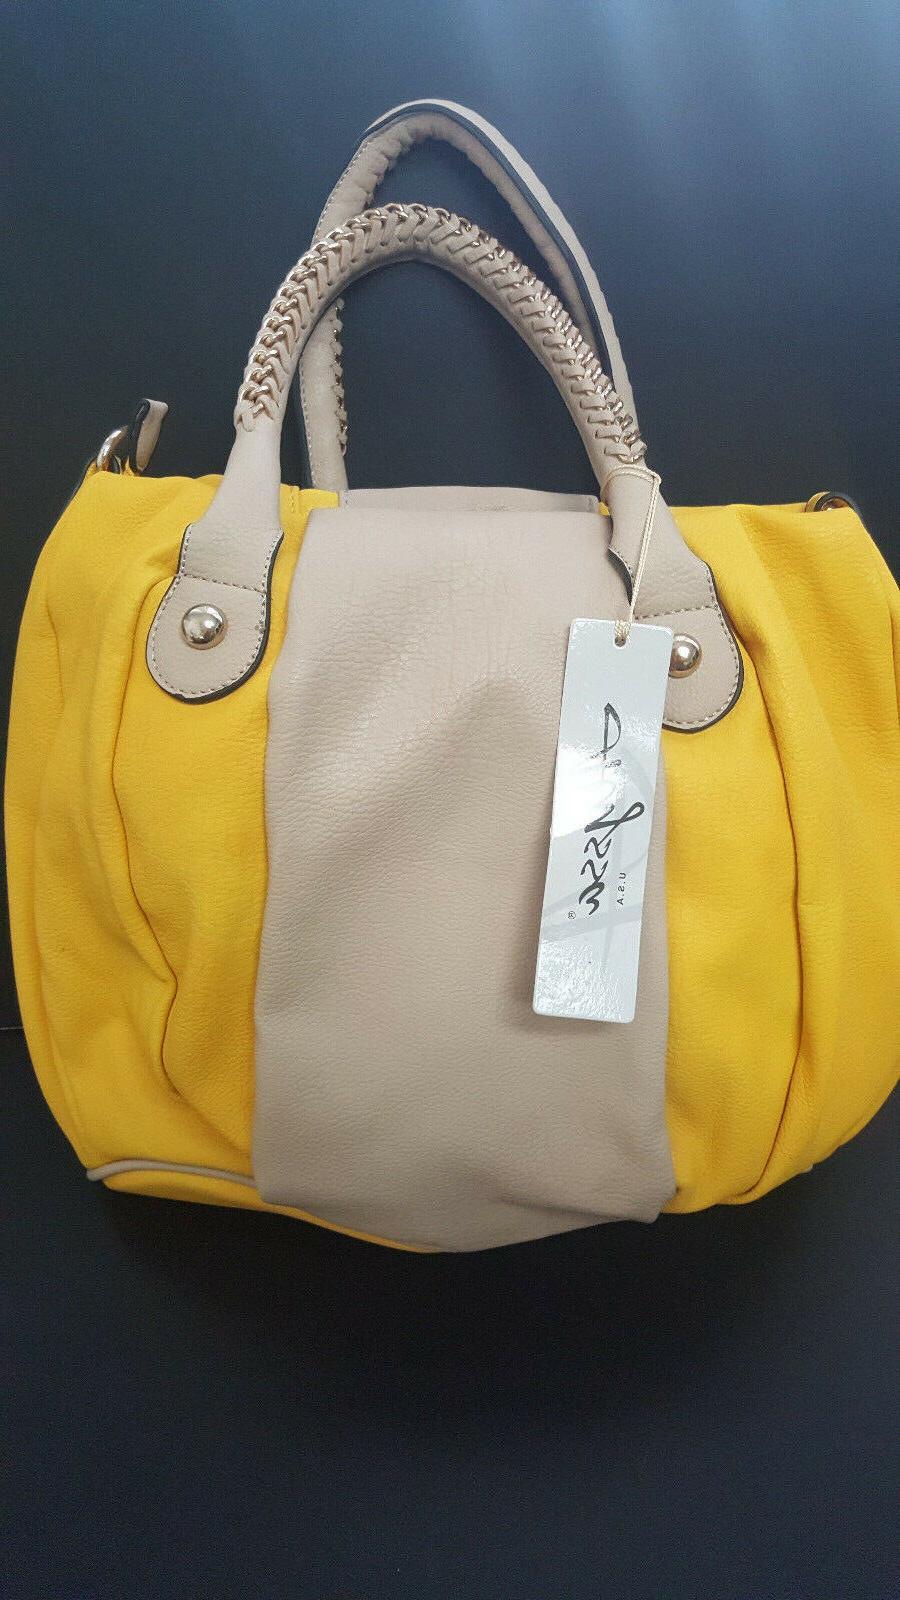 Alyssa ALS0033 Braided Handle Golden Tan Stripe